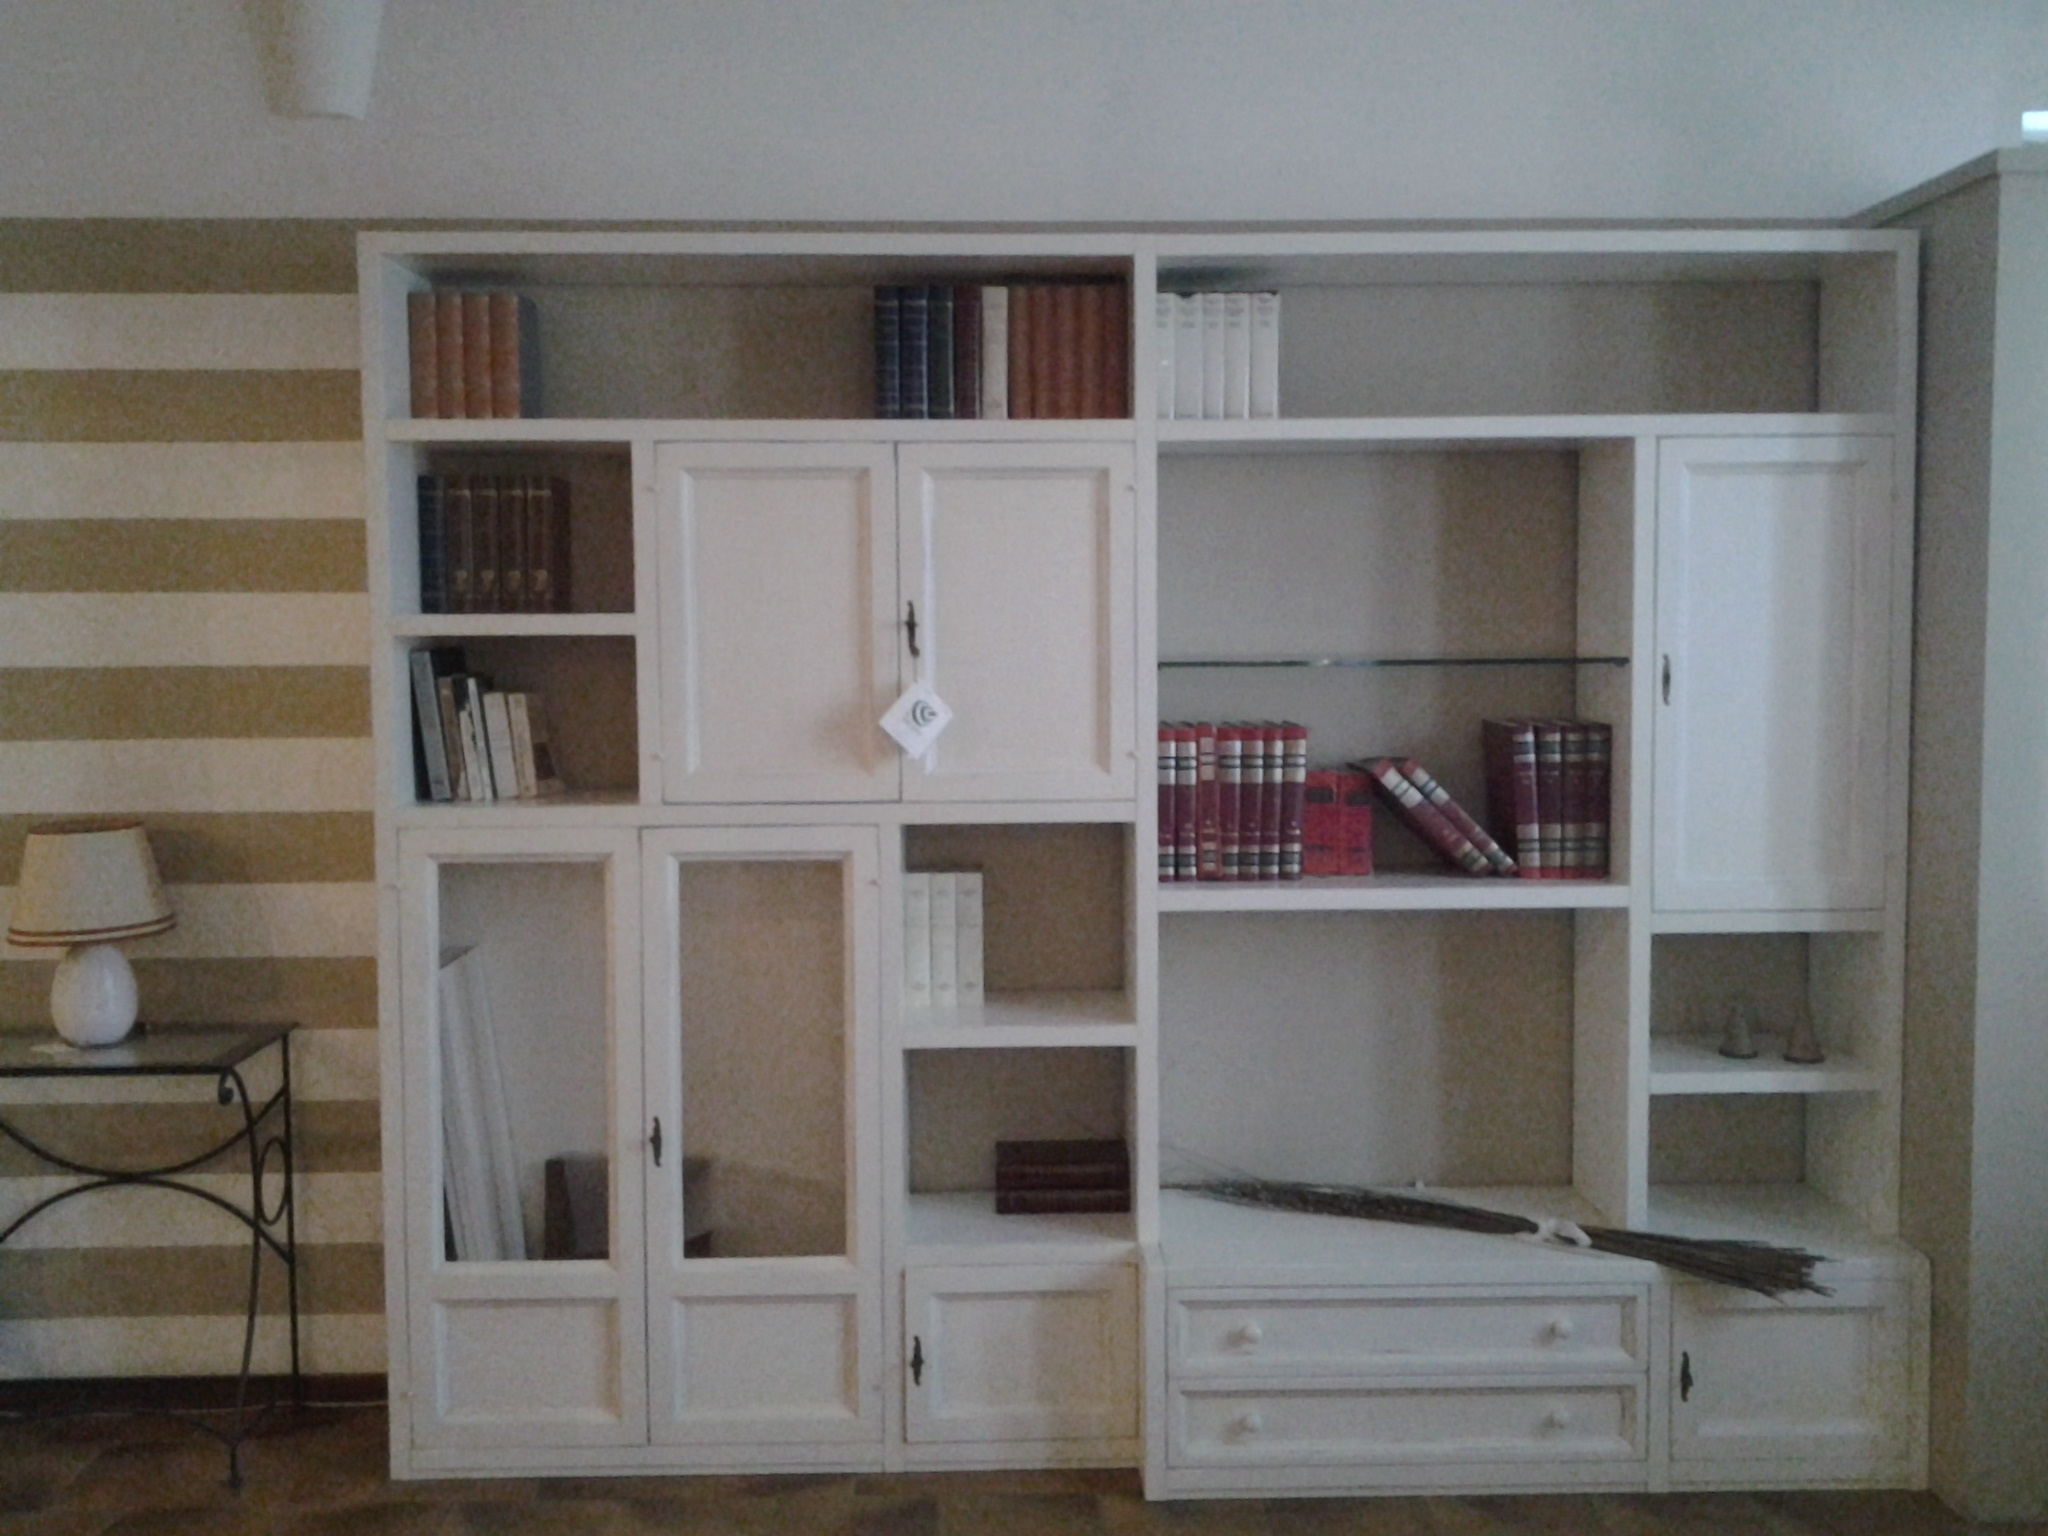 pacema soggiorno tutto legno laccato opaco pareti attrezzate ... - Parete Soggiorno Attrezzata Offerte